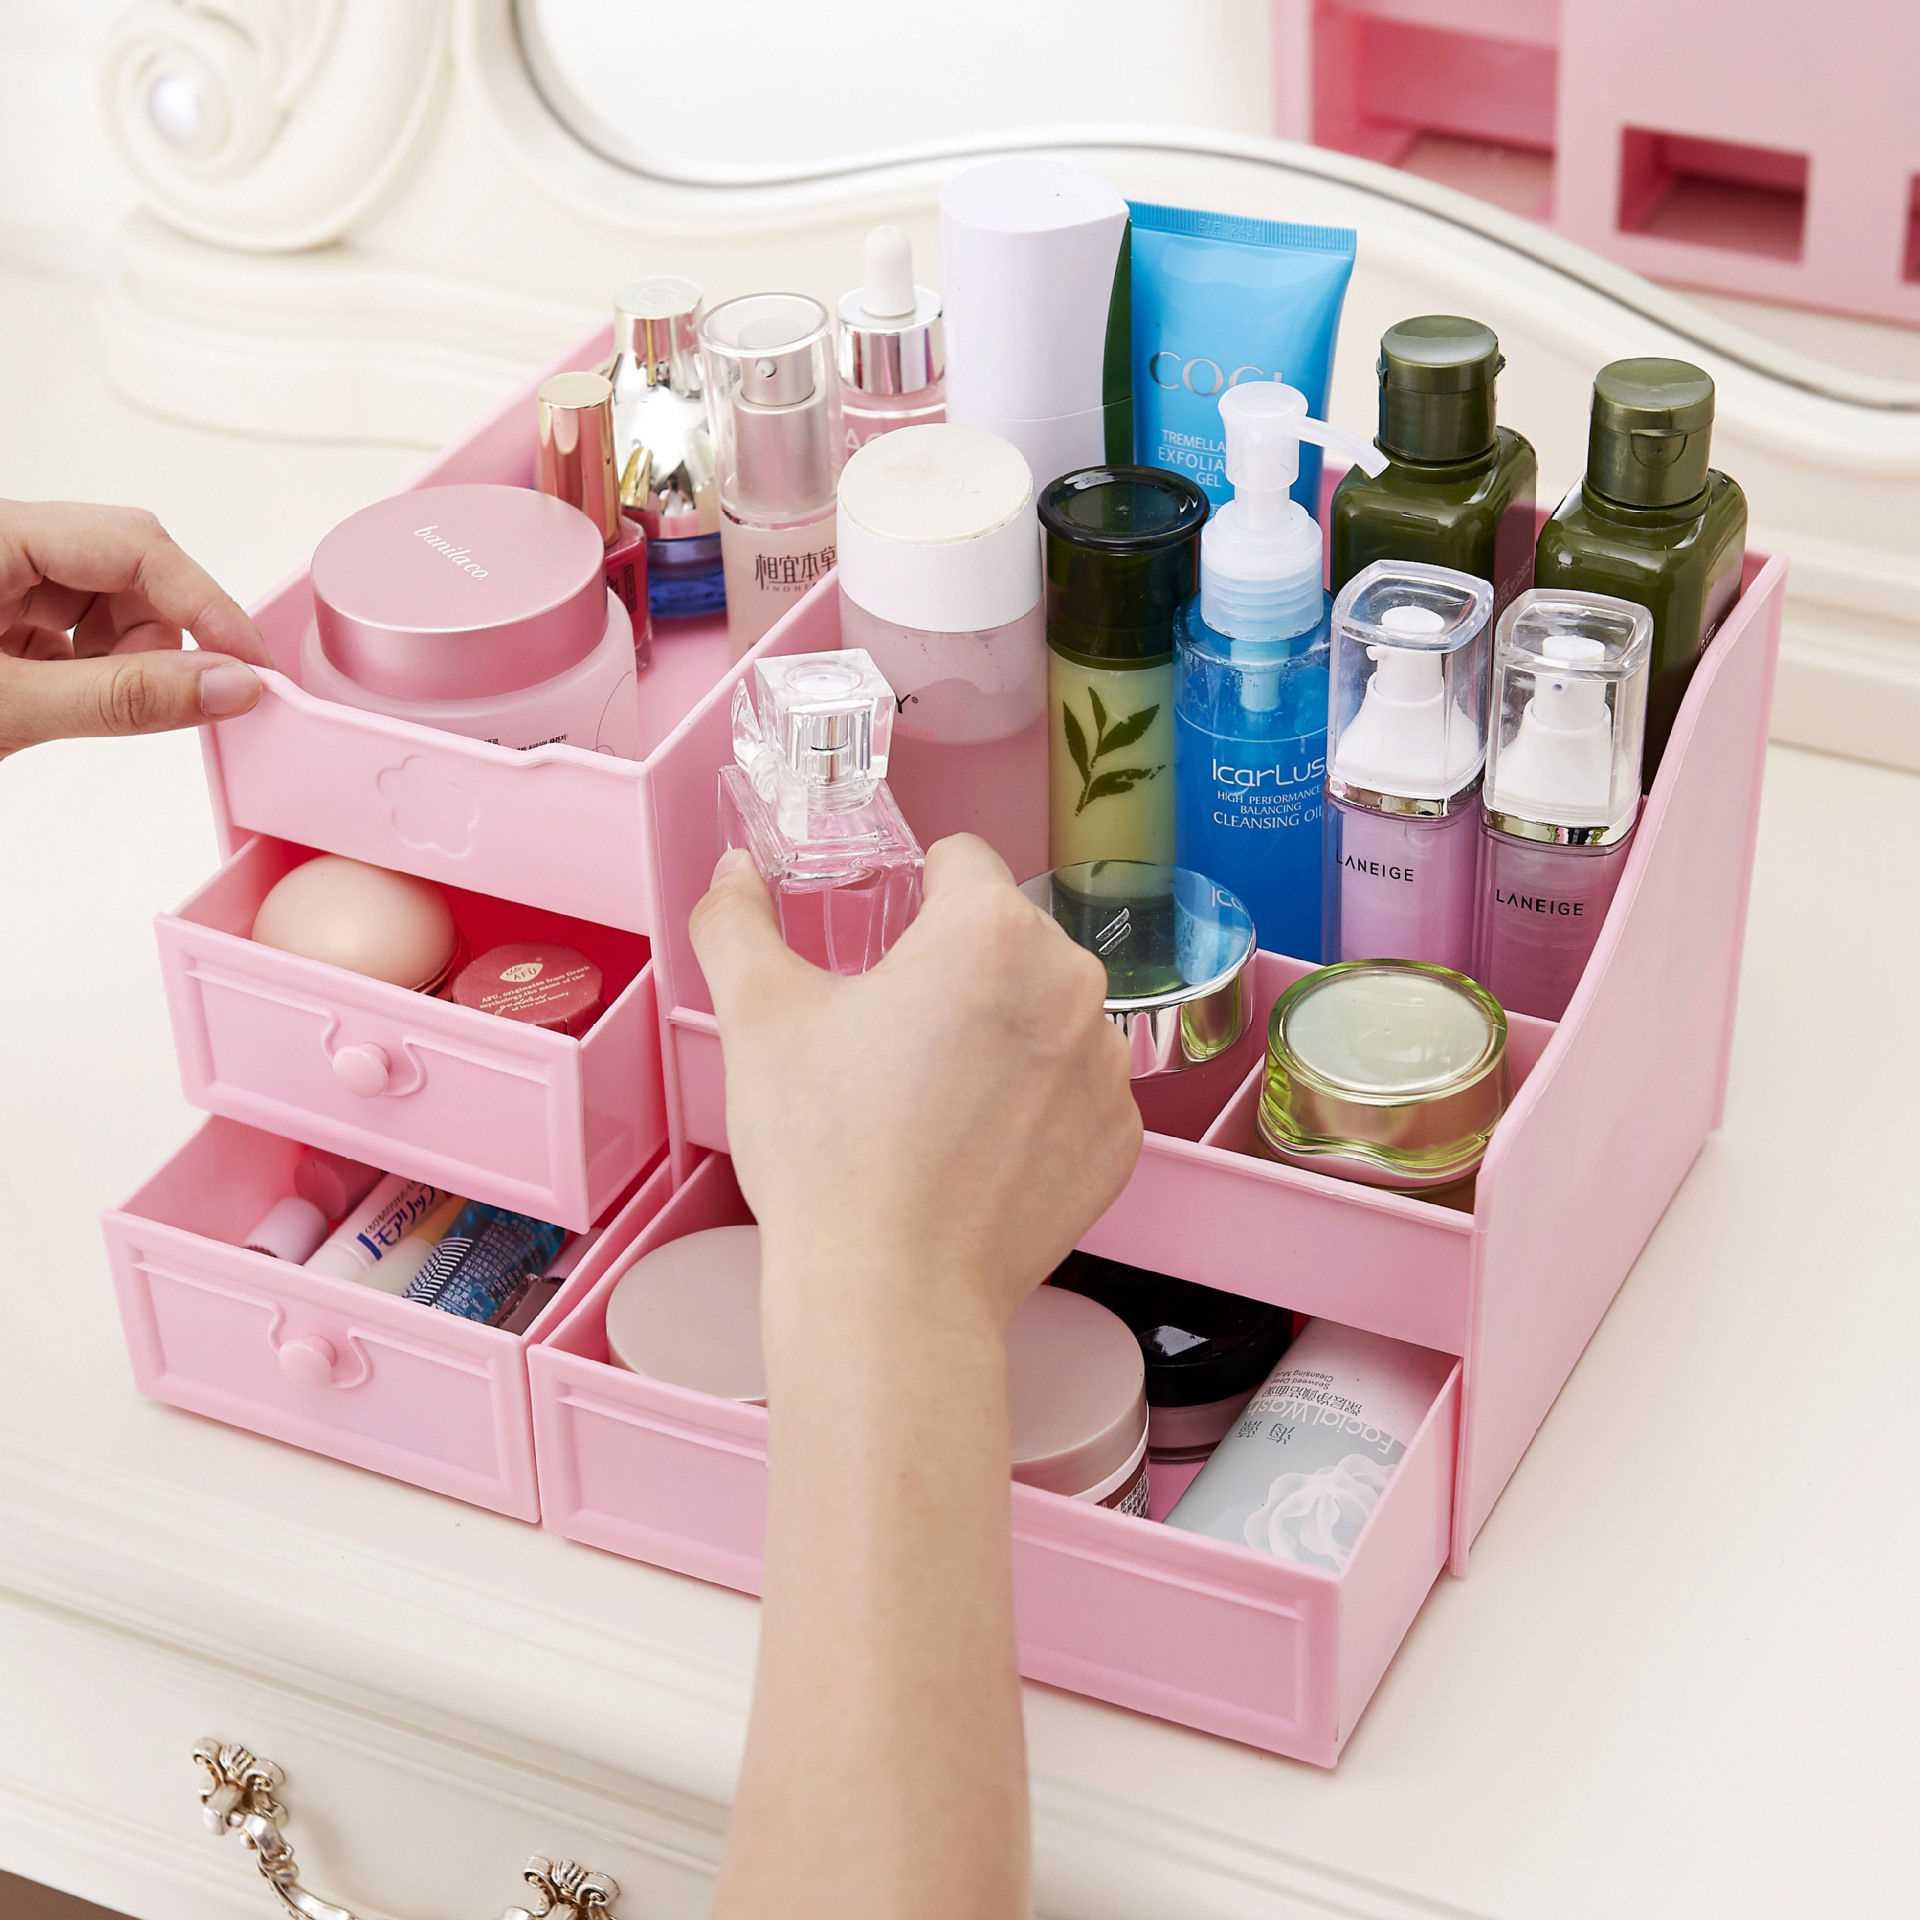 【三年质保】桌面化妆品收纳盒护肤首饰抽屉式置物架卫生间梳妆台